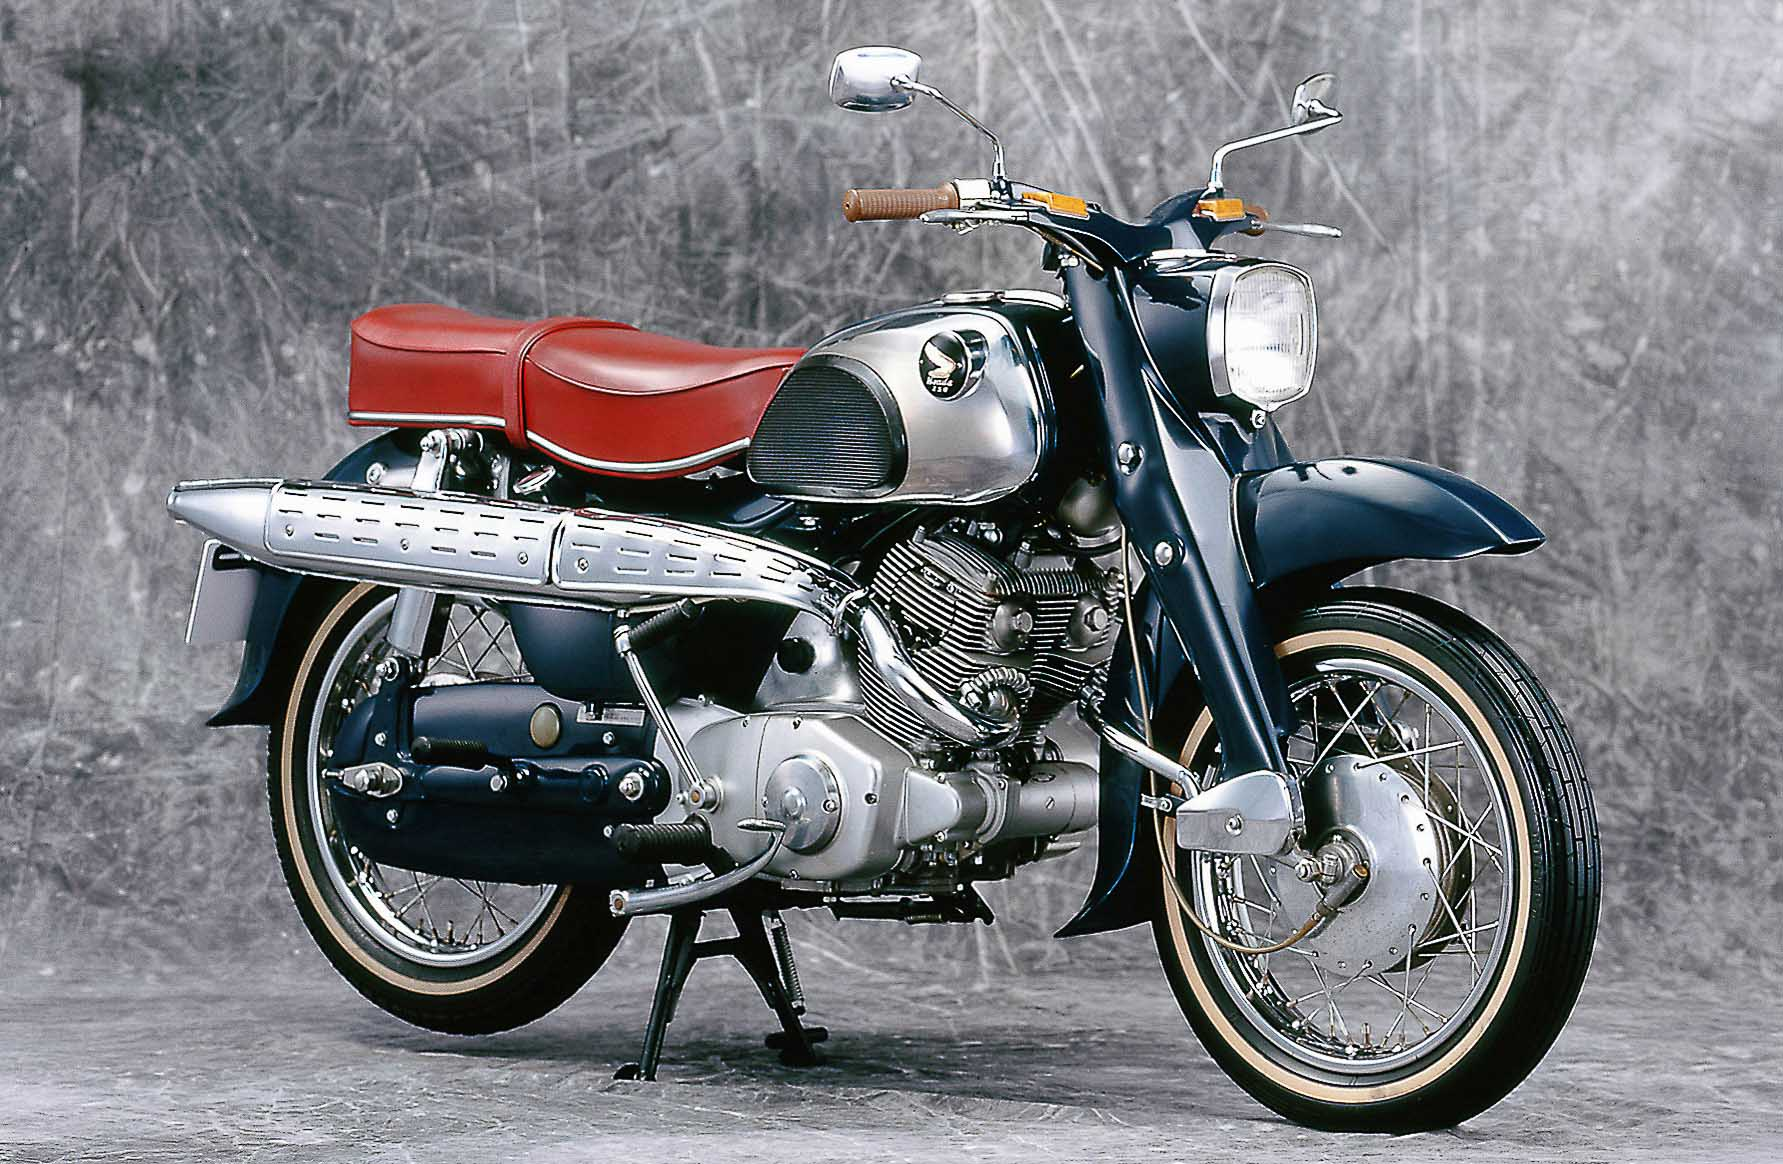 HONDA C71 (1959-1961)